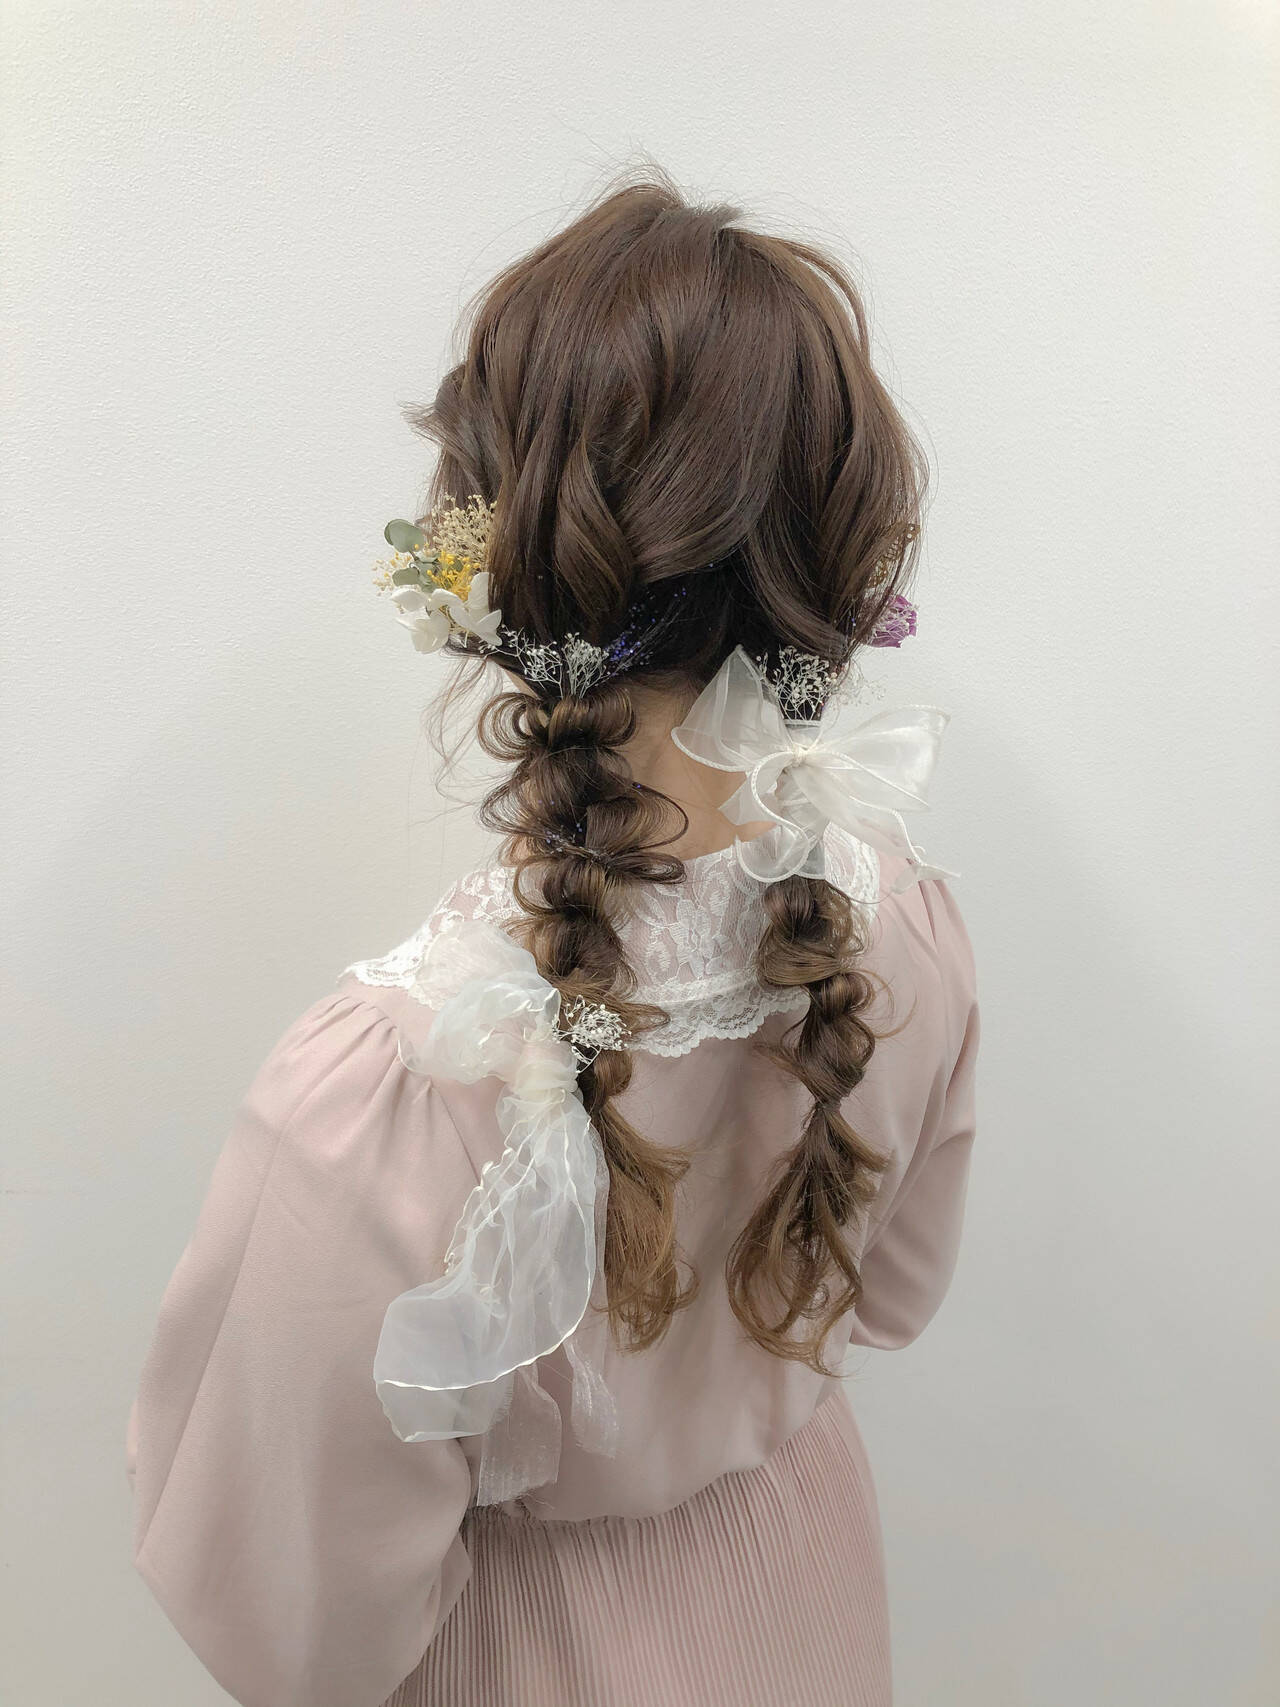 編みおろし ロング 編みおろしツイン ヘアアレンジヘアスタイルや髪型の写真・画像